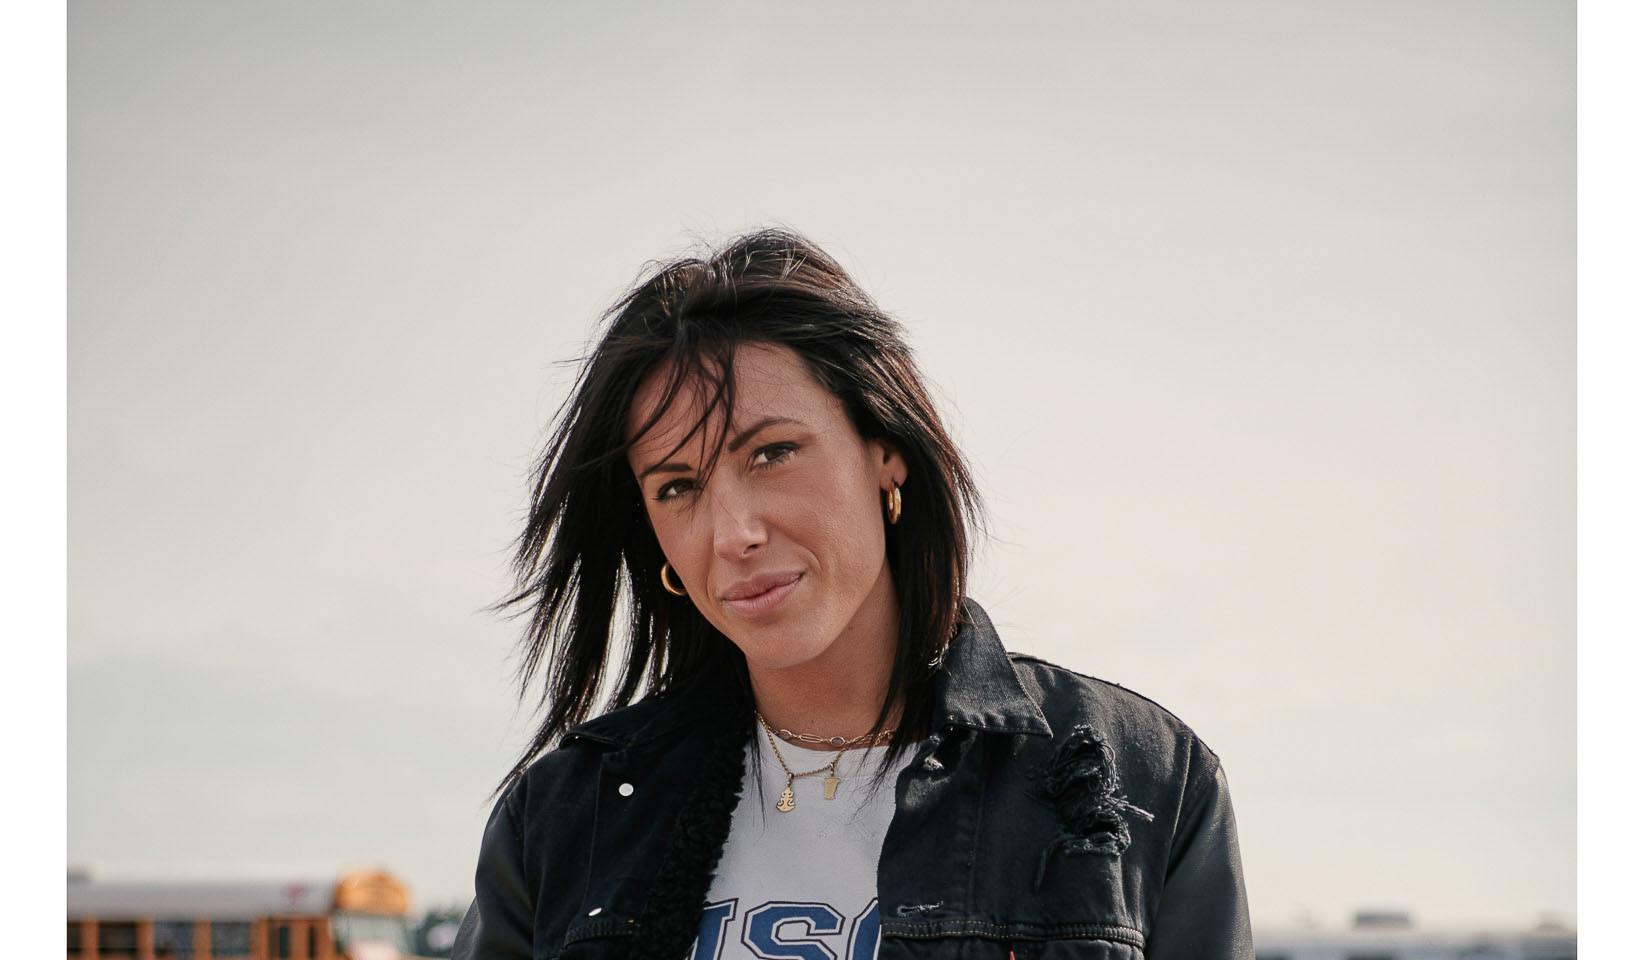 WMB Chiara Ludovica Quadrelli ++ - 108.jpg